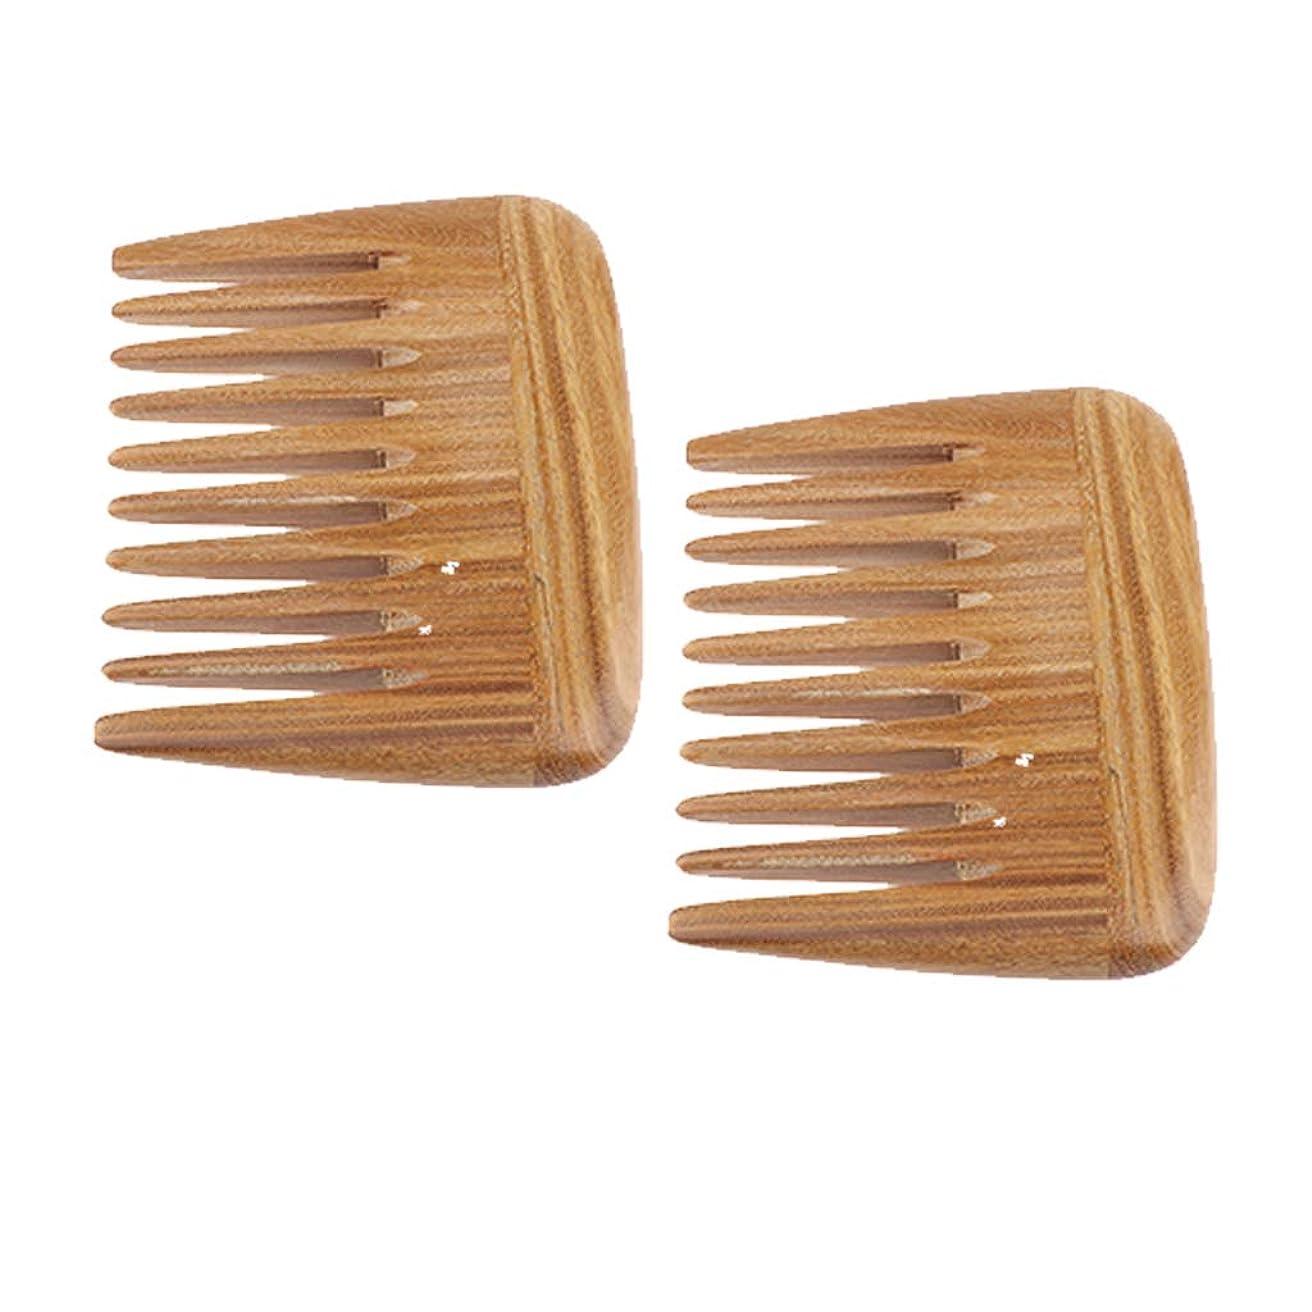 石膏祝う証言するF Fityle 2個 木製櫛 ヘアブラシ 口ひげ メンズ プレゼント